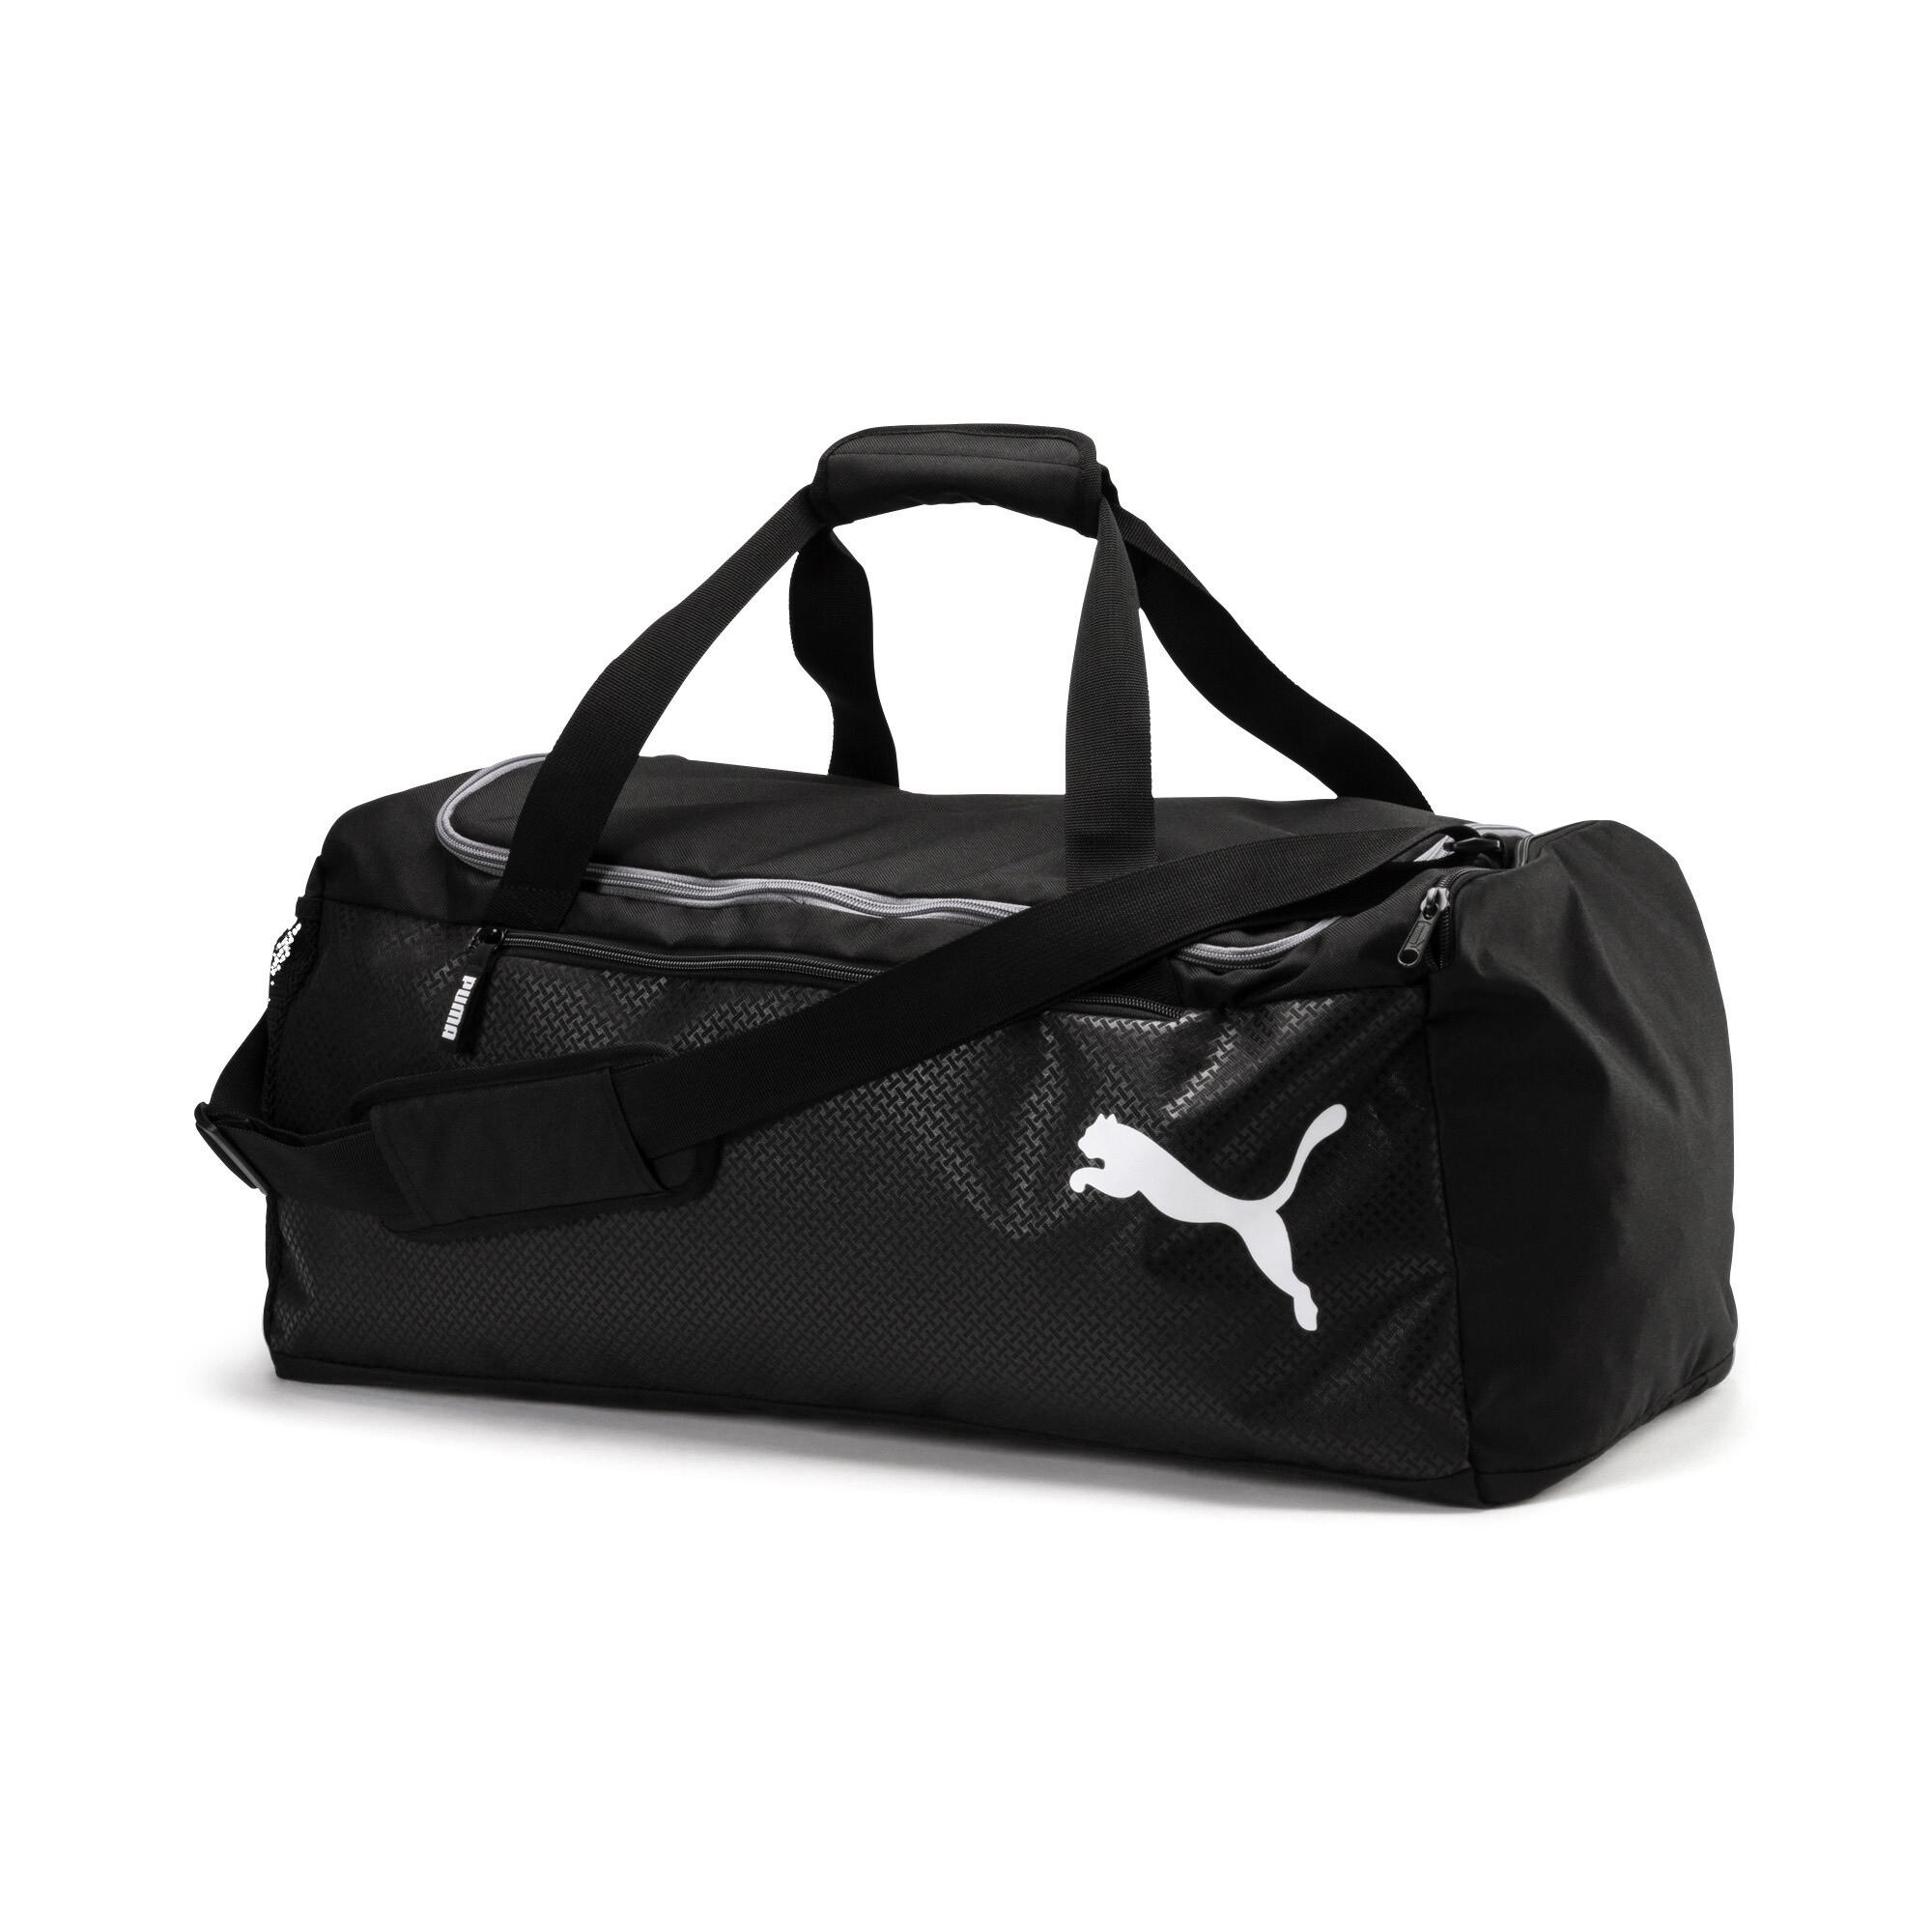 9f21f6b924d0 Все для фитнеса: одежда, обувь и аксессуары - купите в интернет-магазине  PUMA